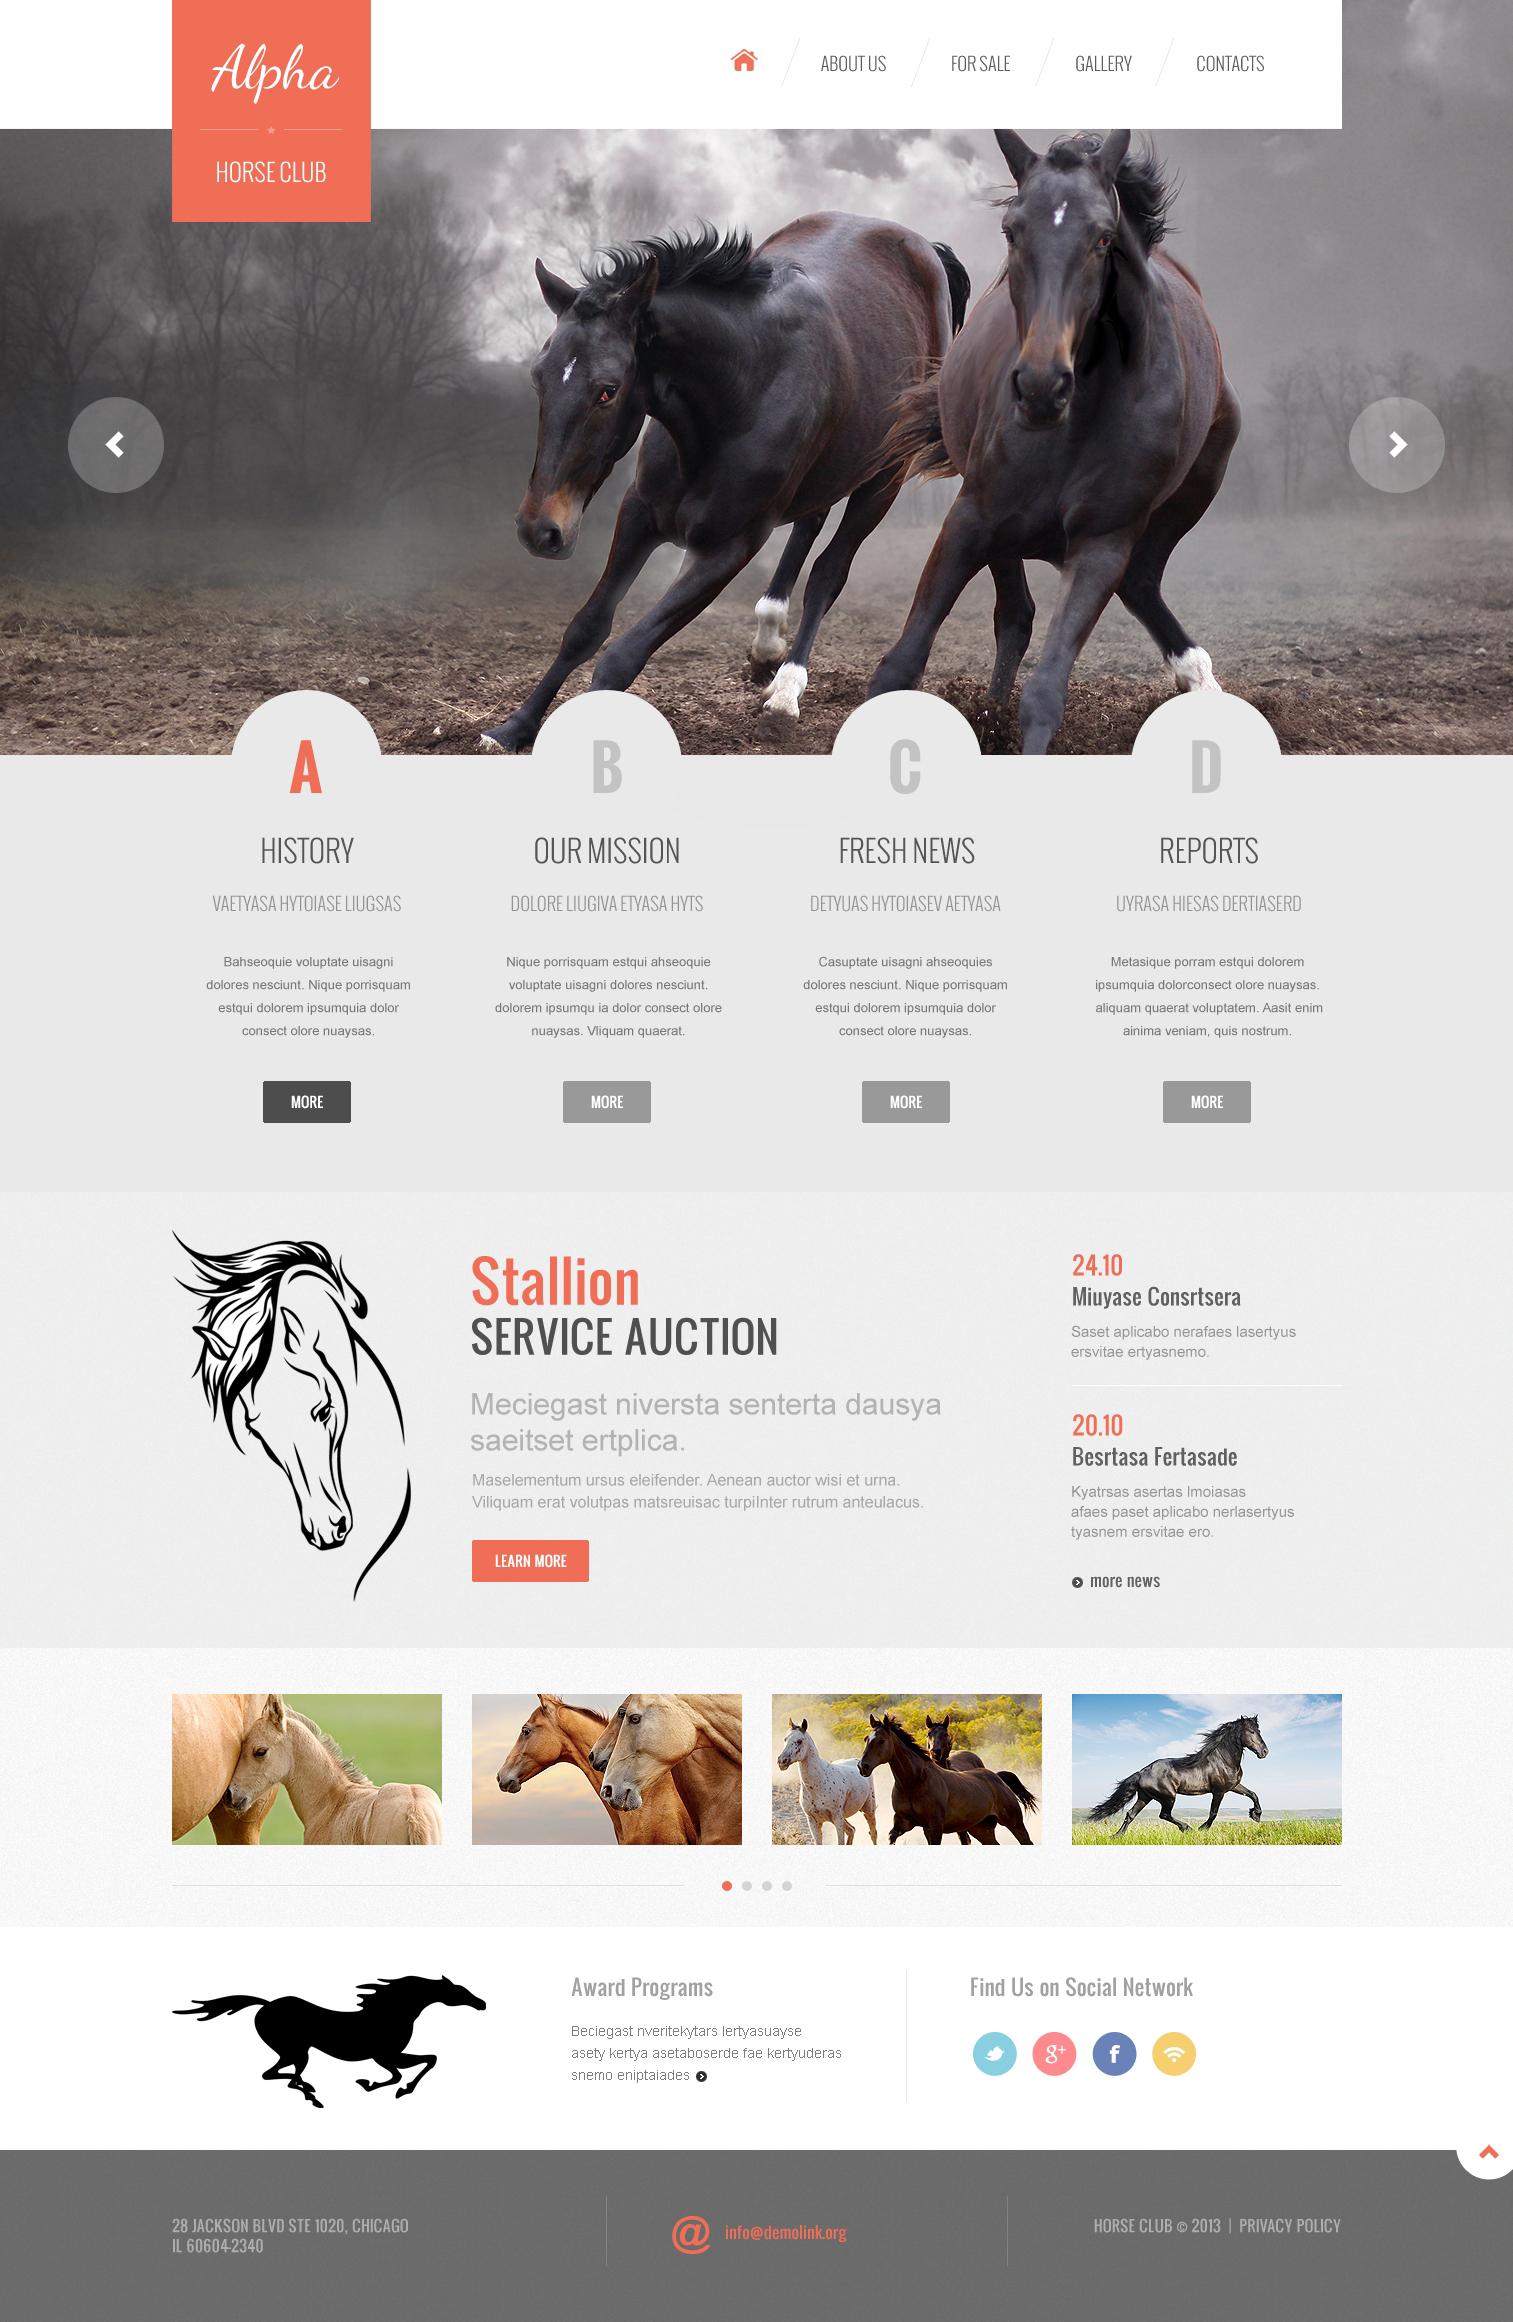 Modèle Web adaptatif pour sites de chevaux #46921